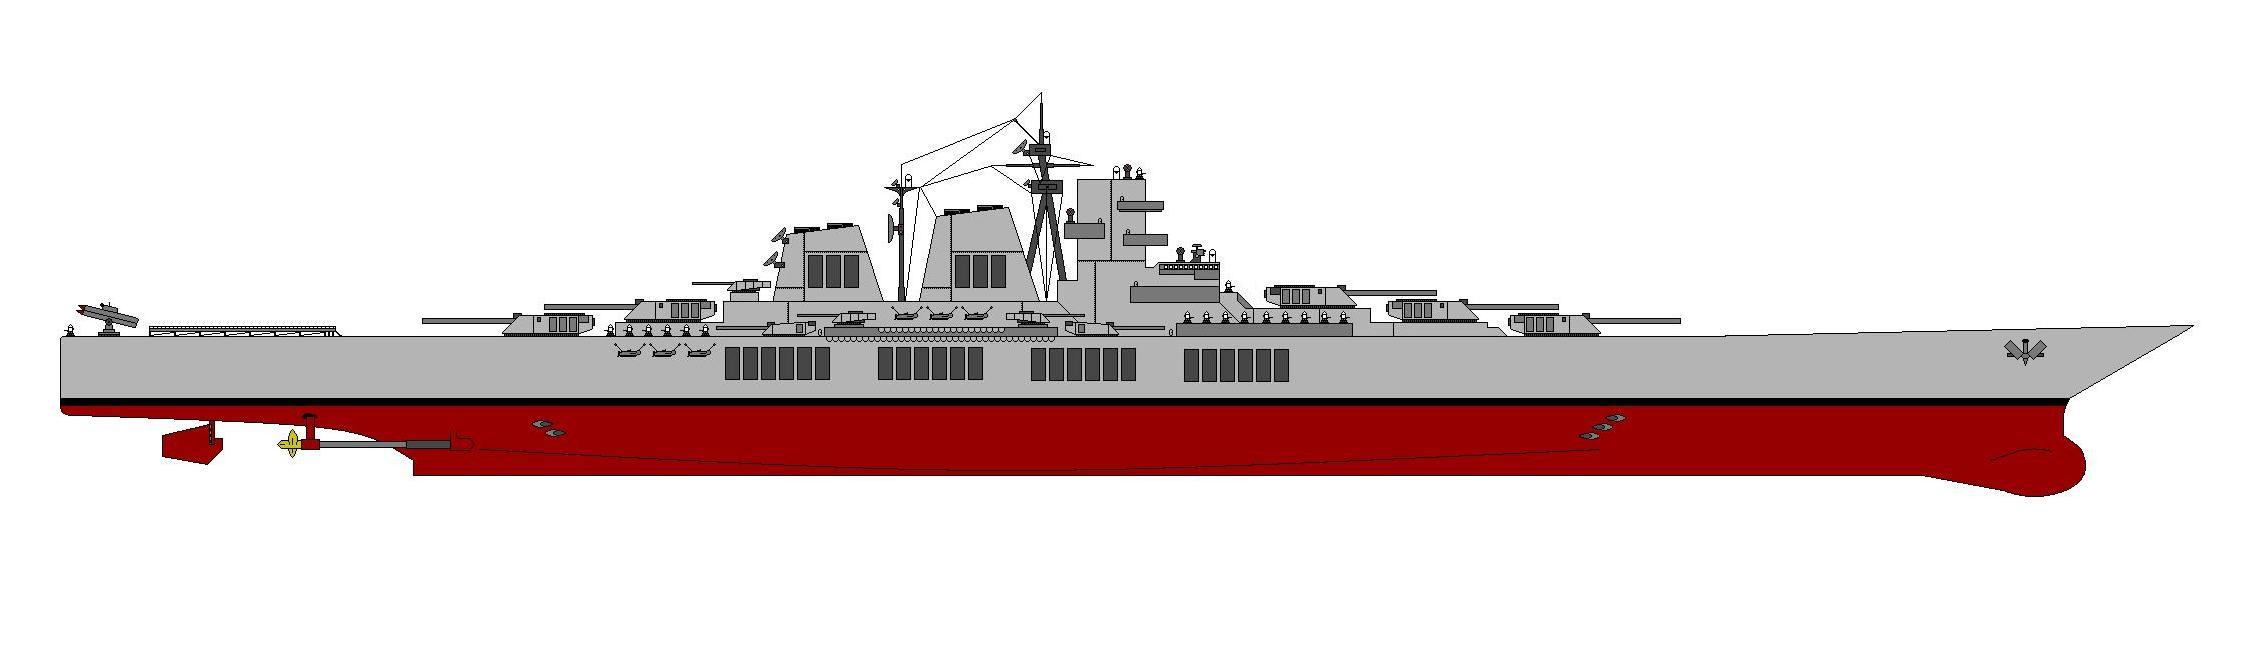 21st Century Us Battleships Autos Post